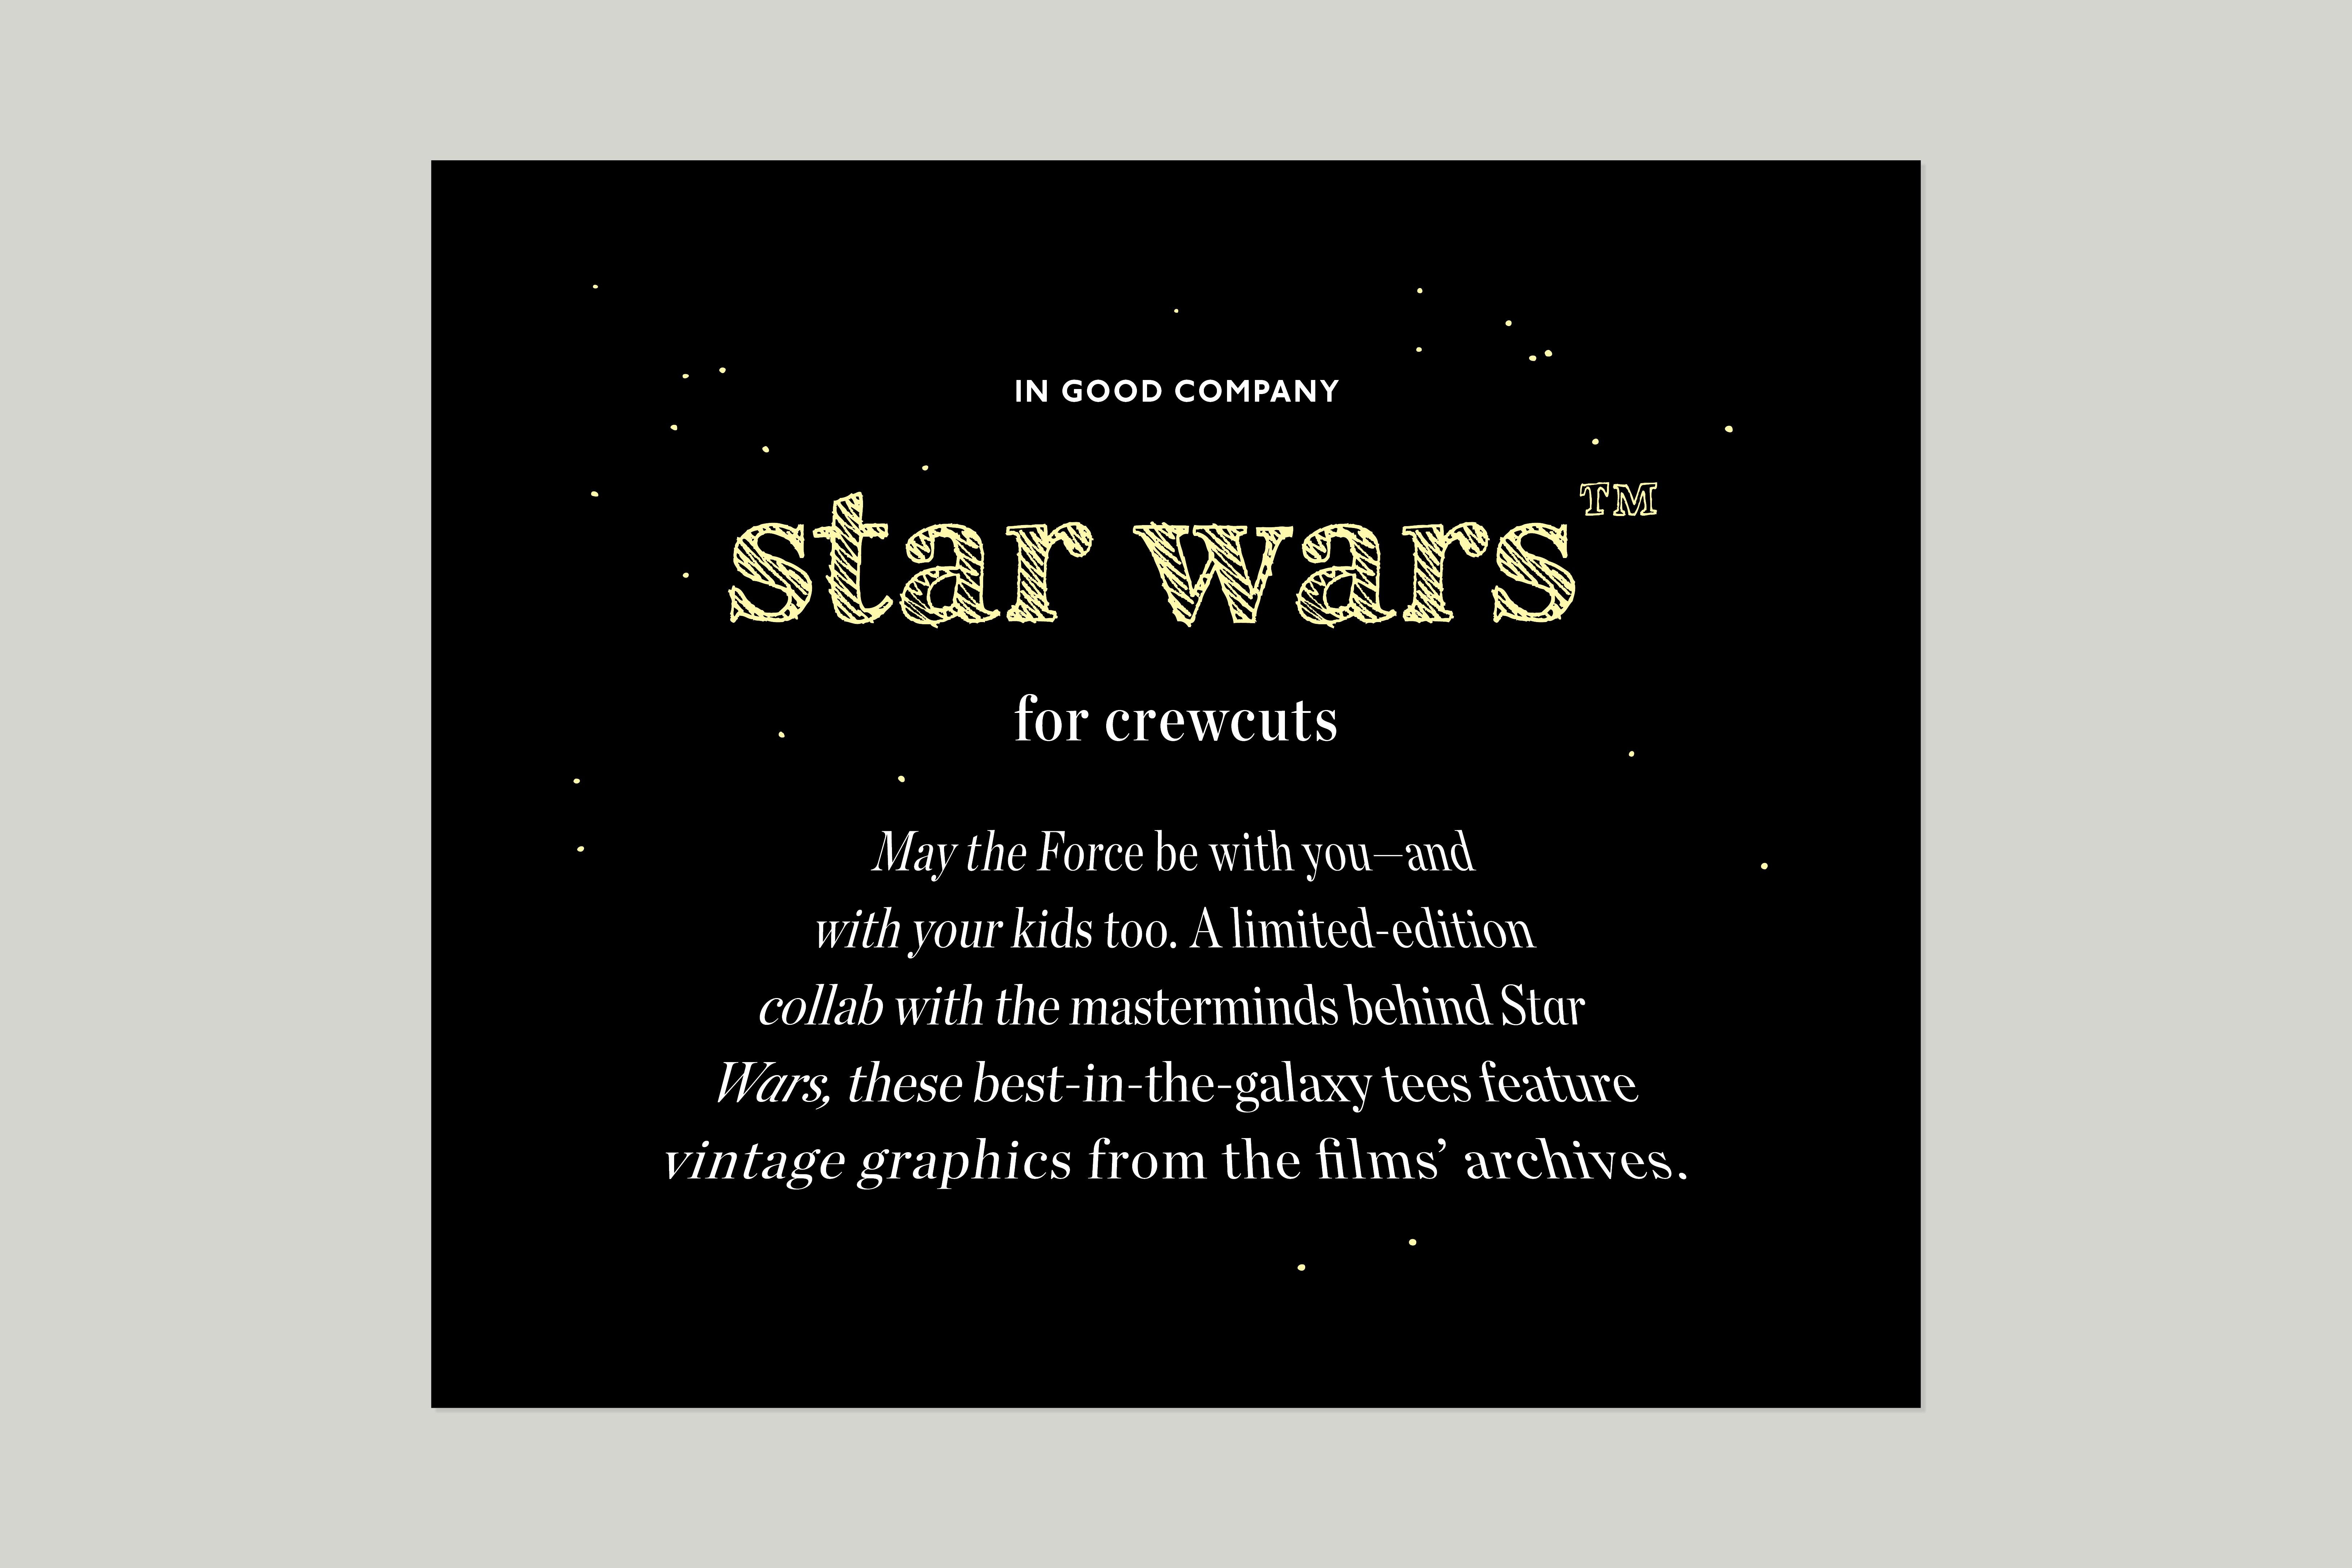 crewcuts Typeface